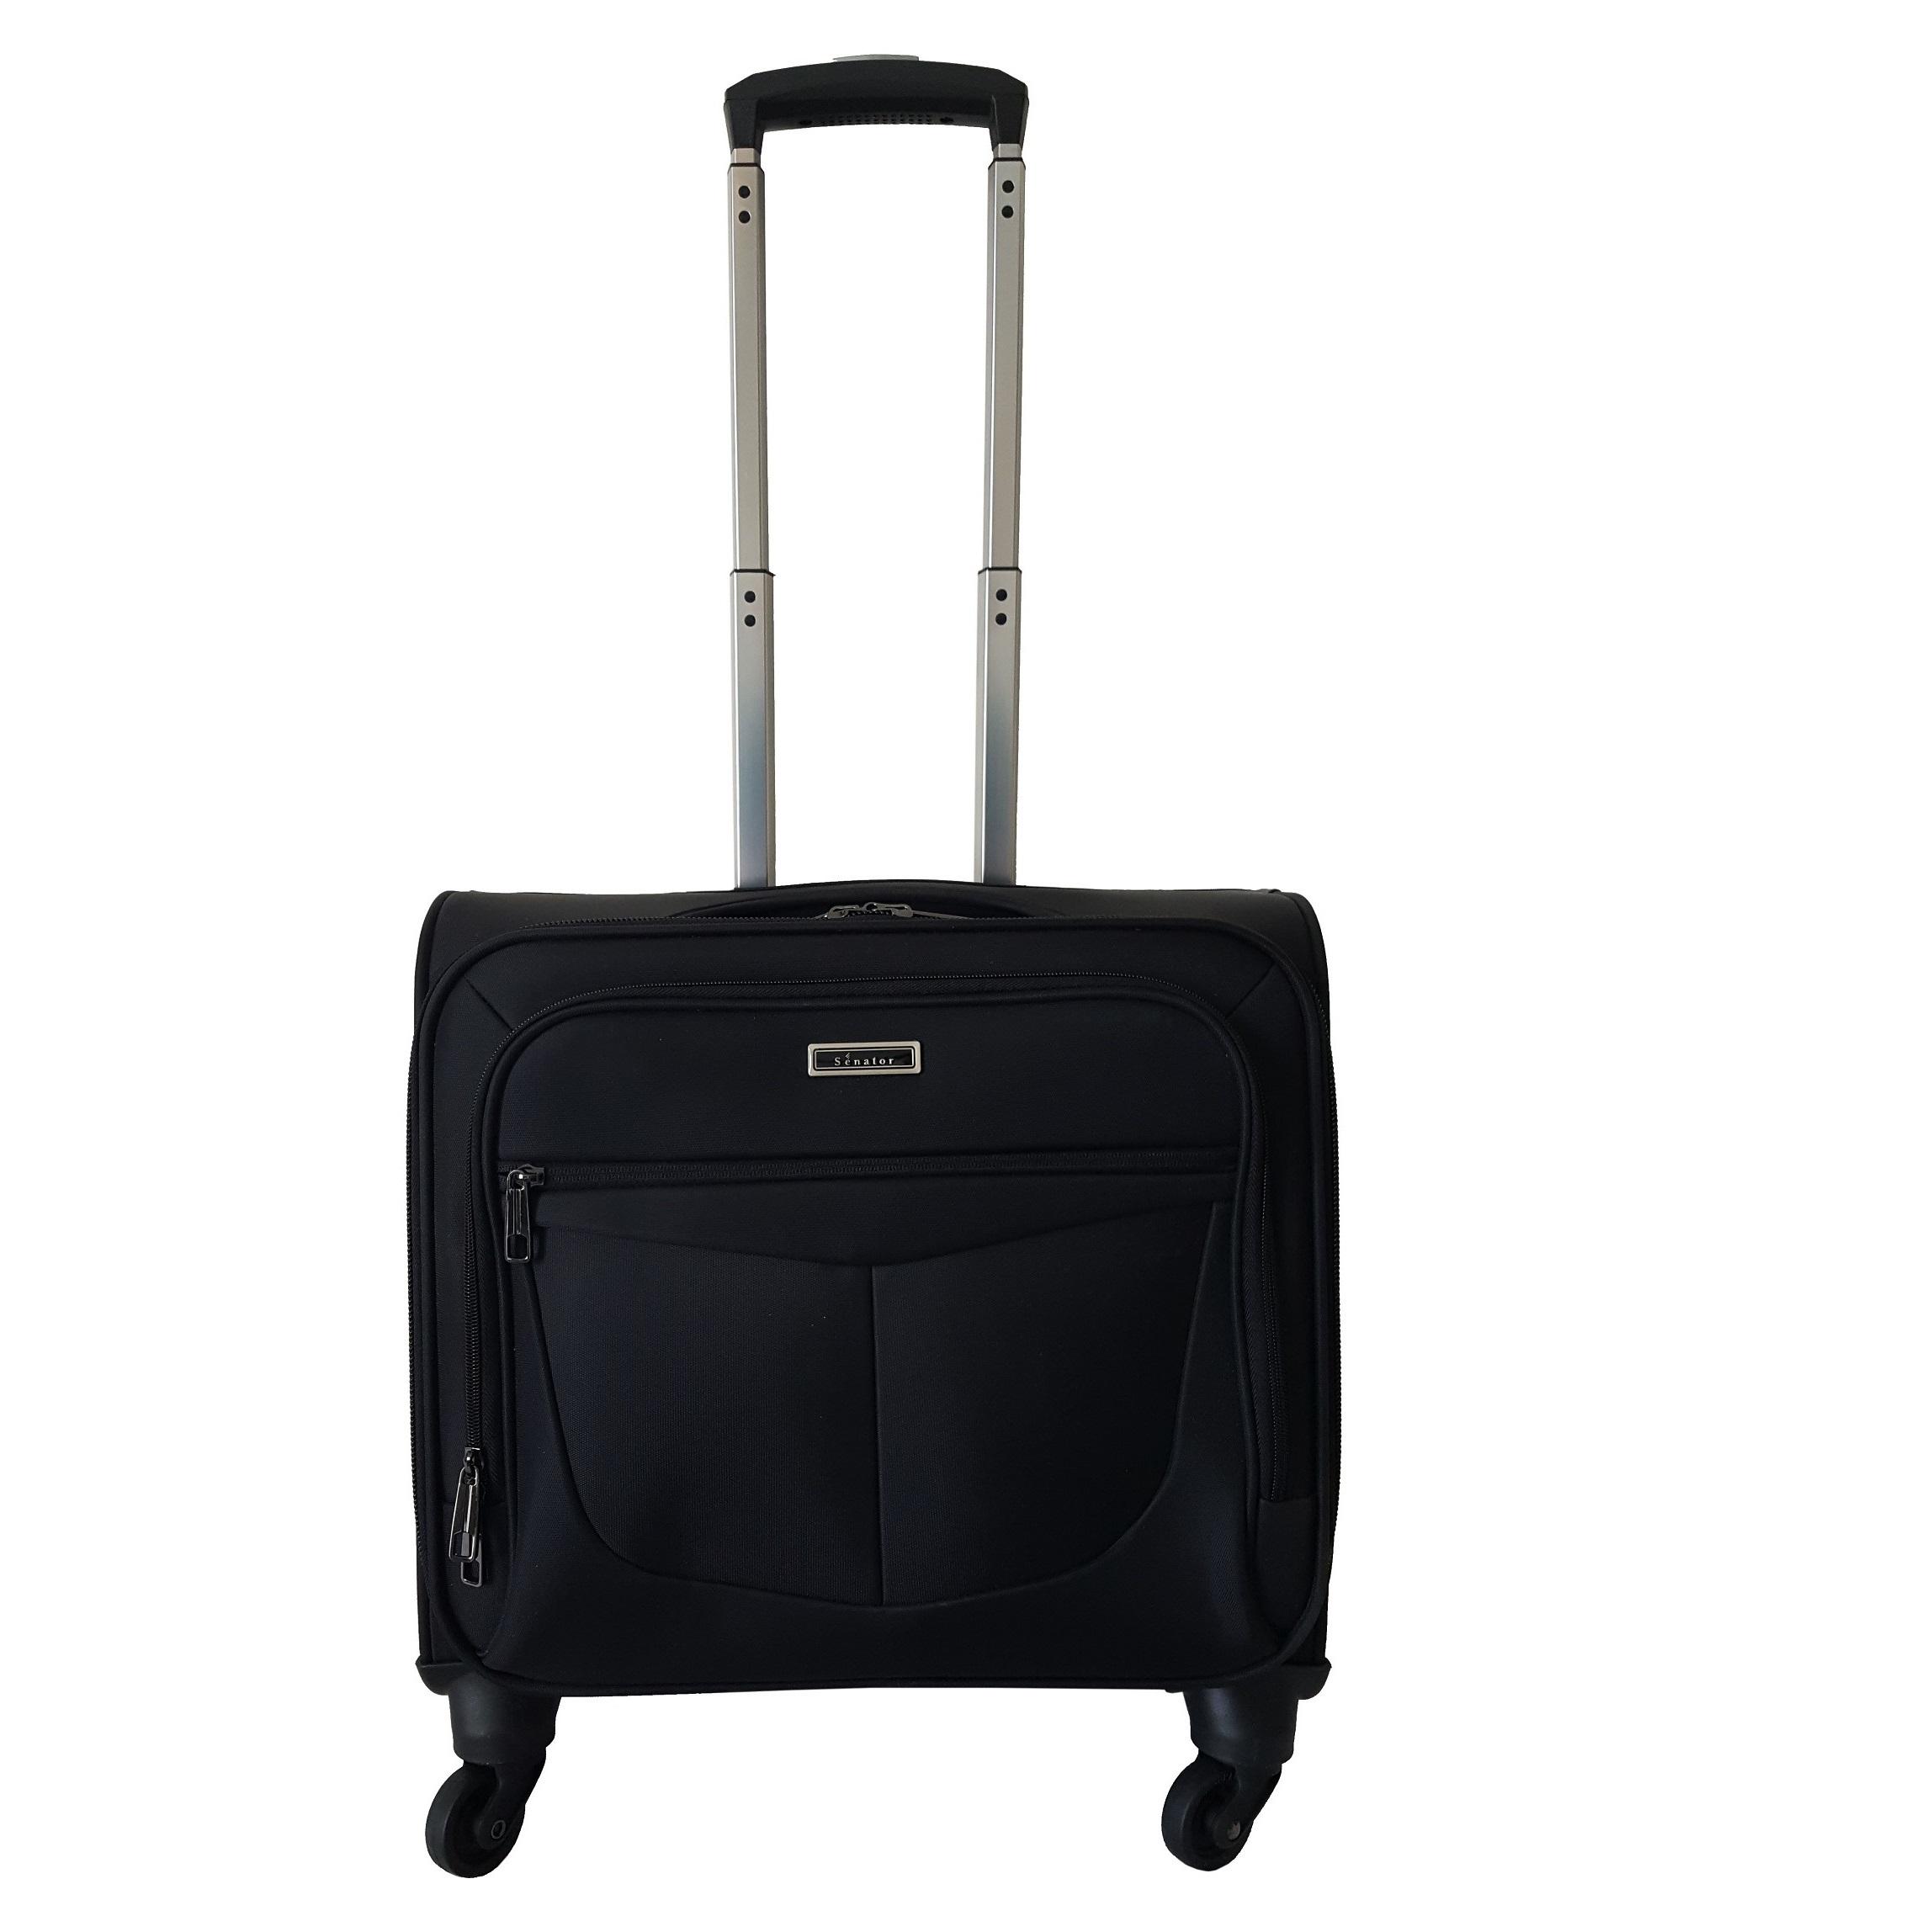 چمدان خلبانی سناتور کد 100167